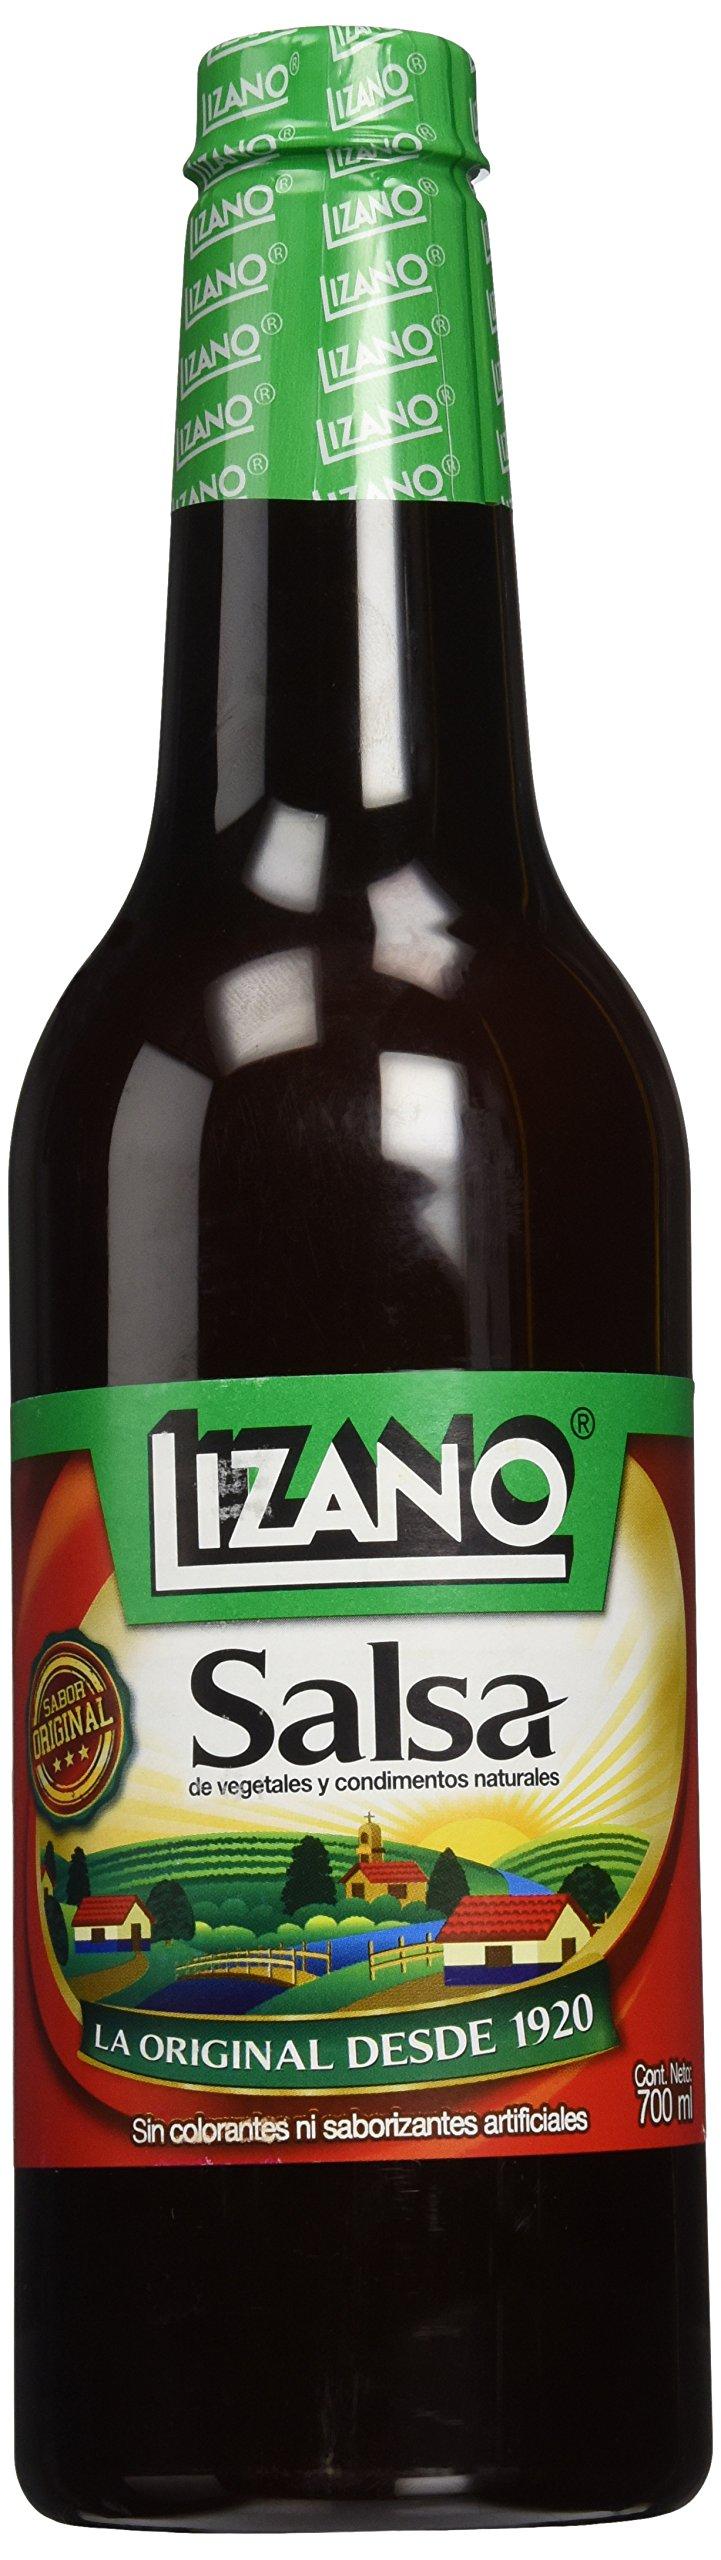 Lizano 700 mL - 4 pack